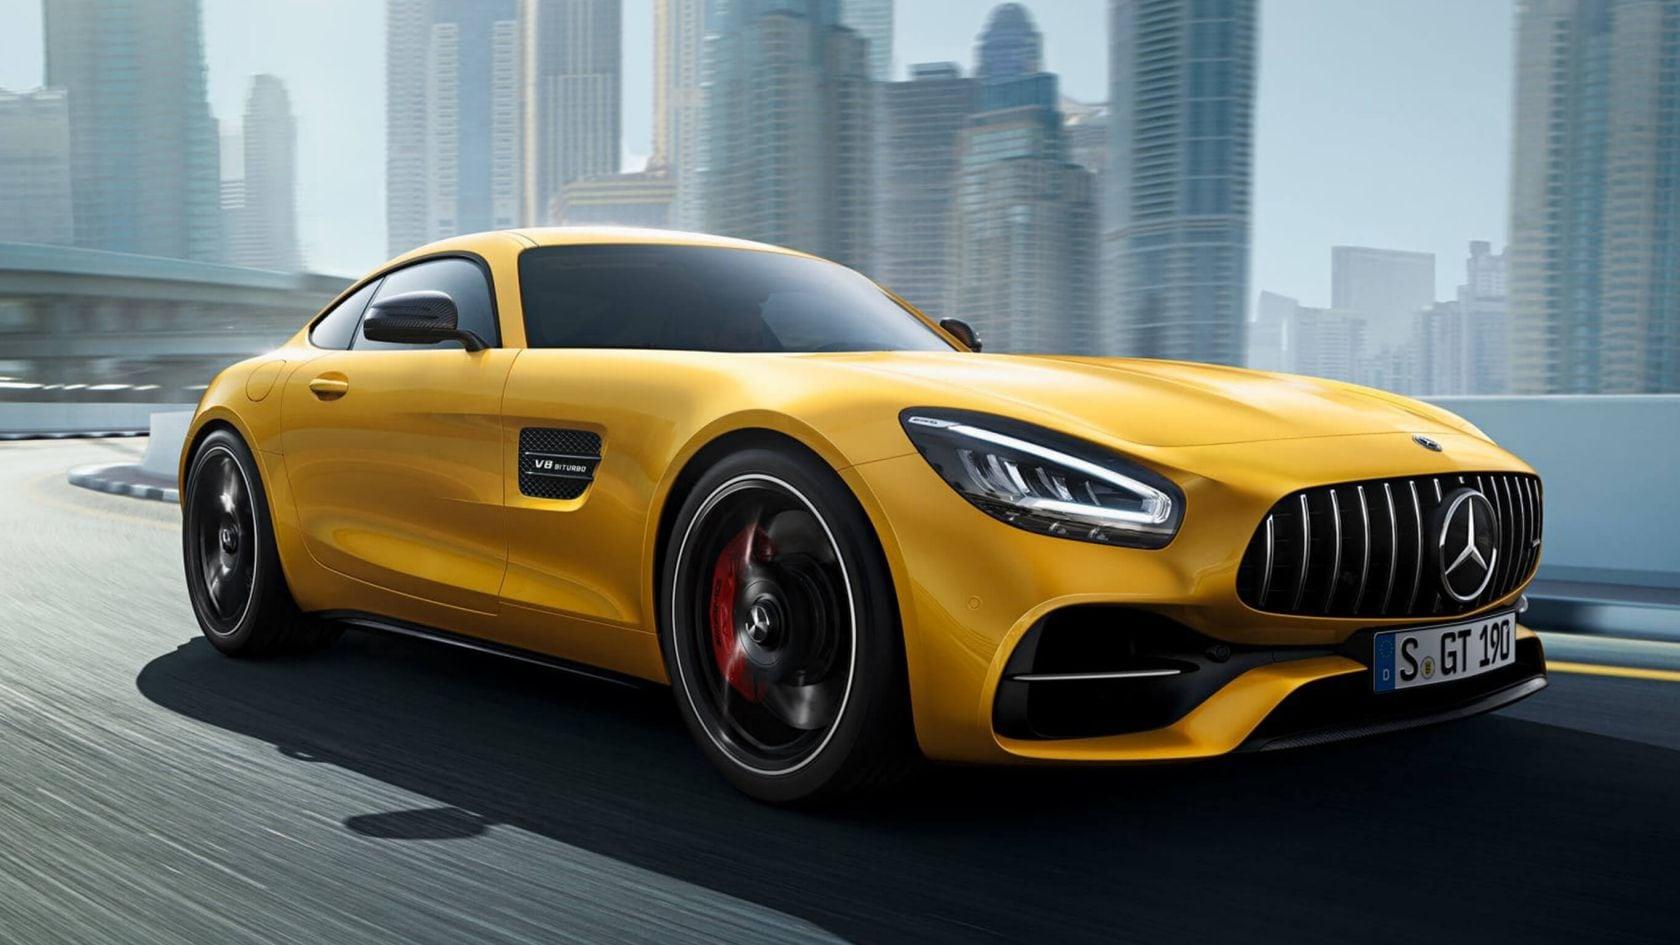 Tout savoir sur le Certificat de conformité Mercedes